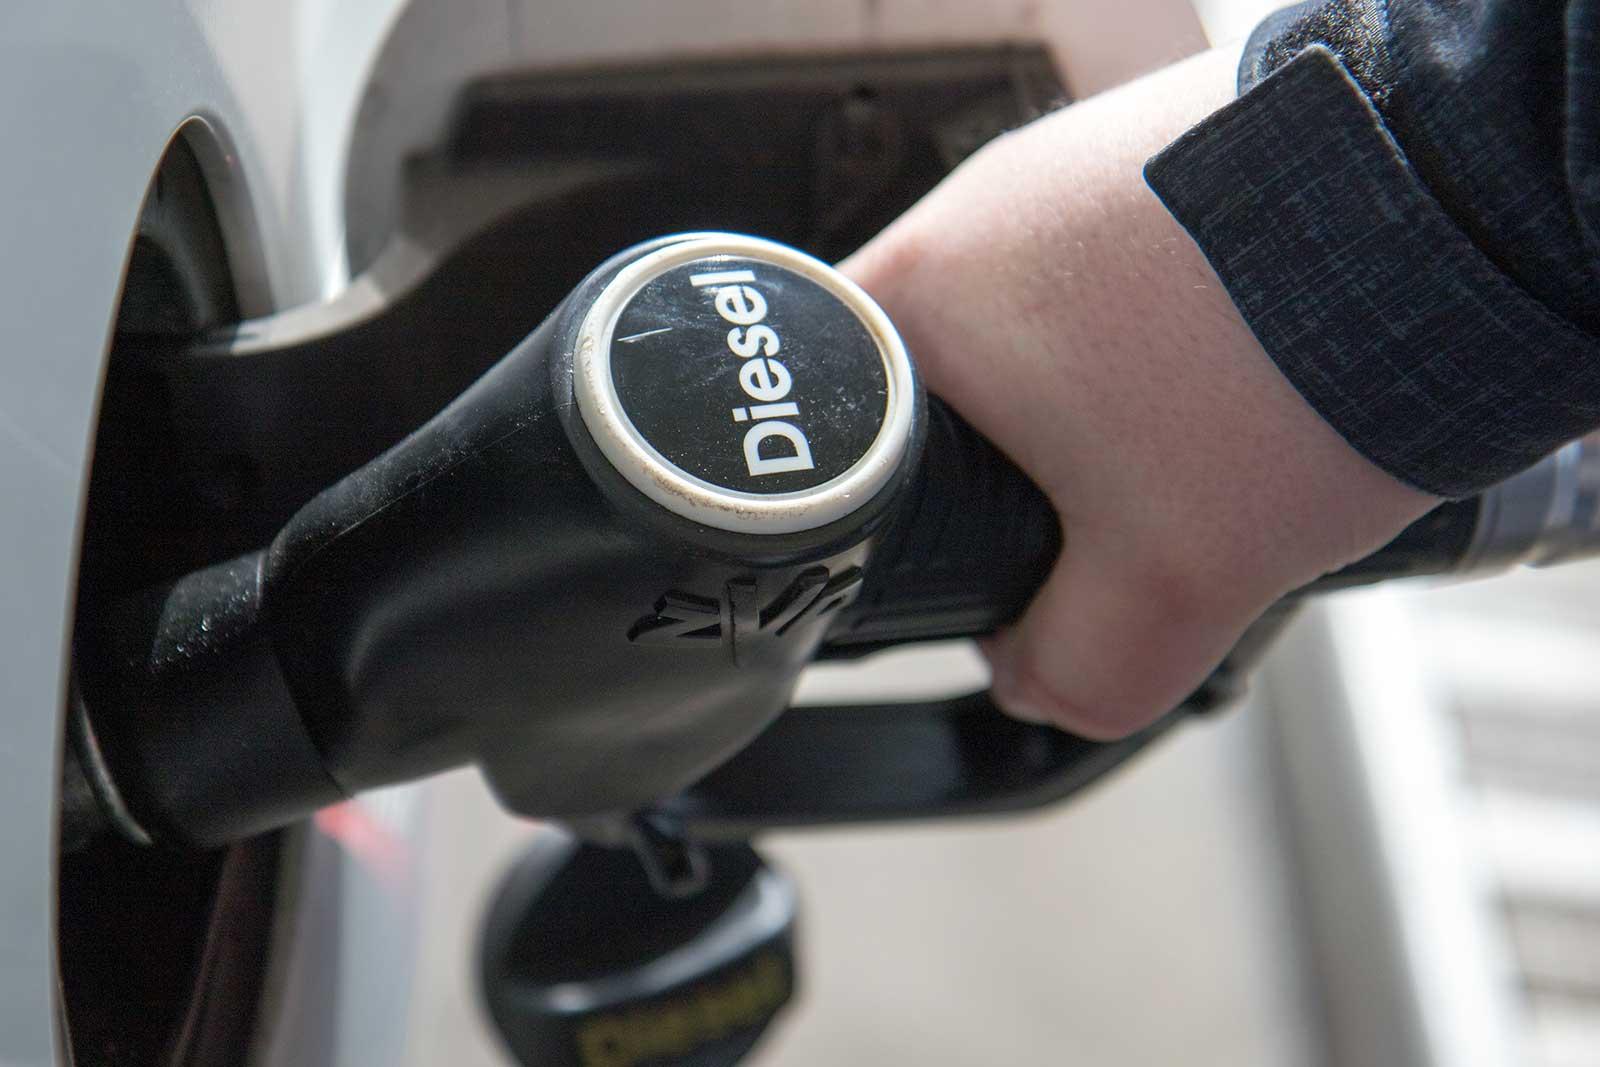 Diesel Abgasskandal, Volkswagen AG